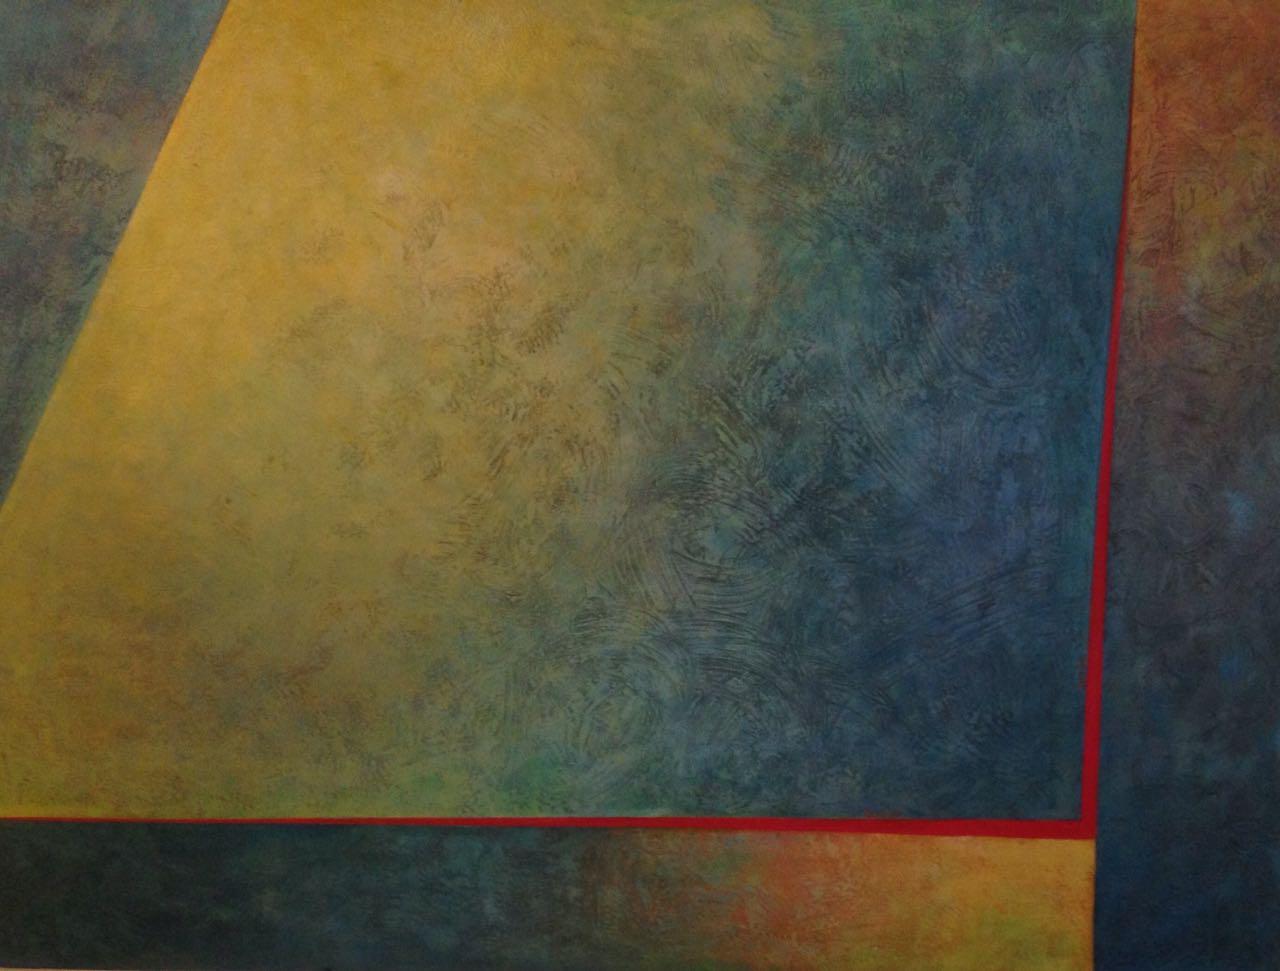 AR 1360 - Lando ( Sadi) - 120 x 160 - Abstrato -  1998 - Técnica Mista.jpg